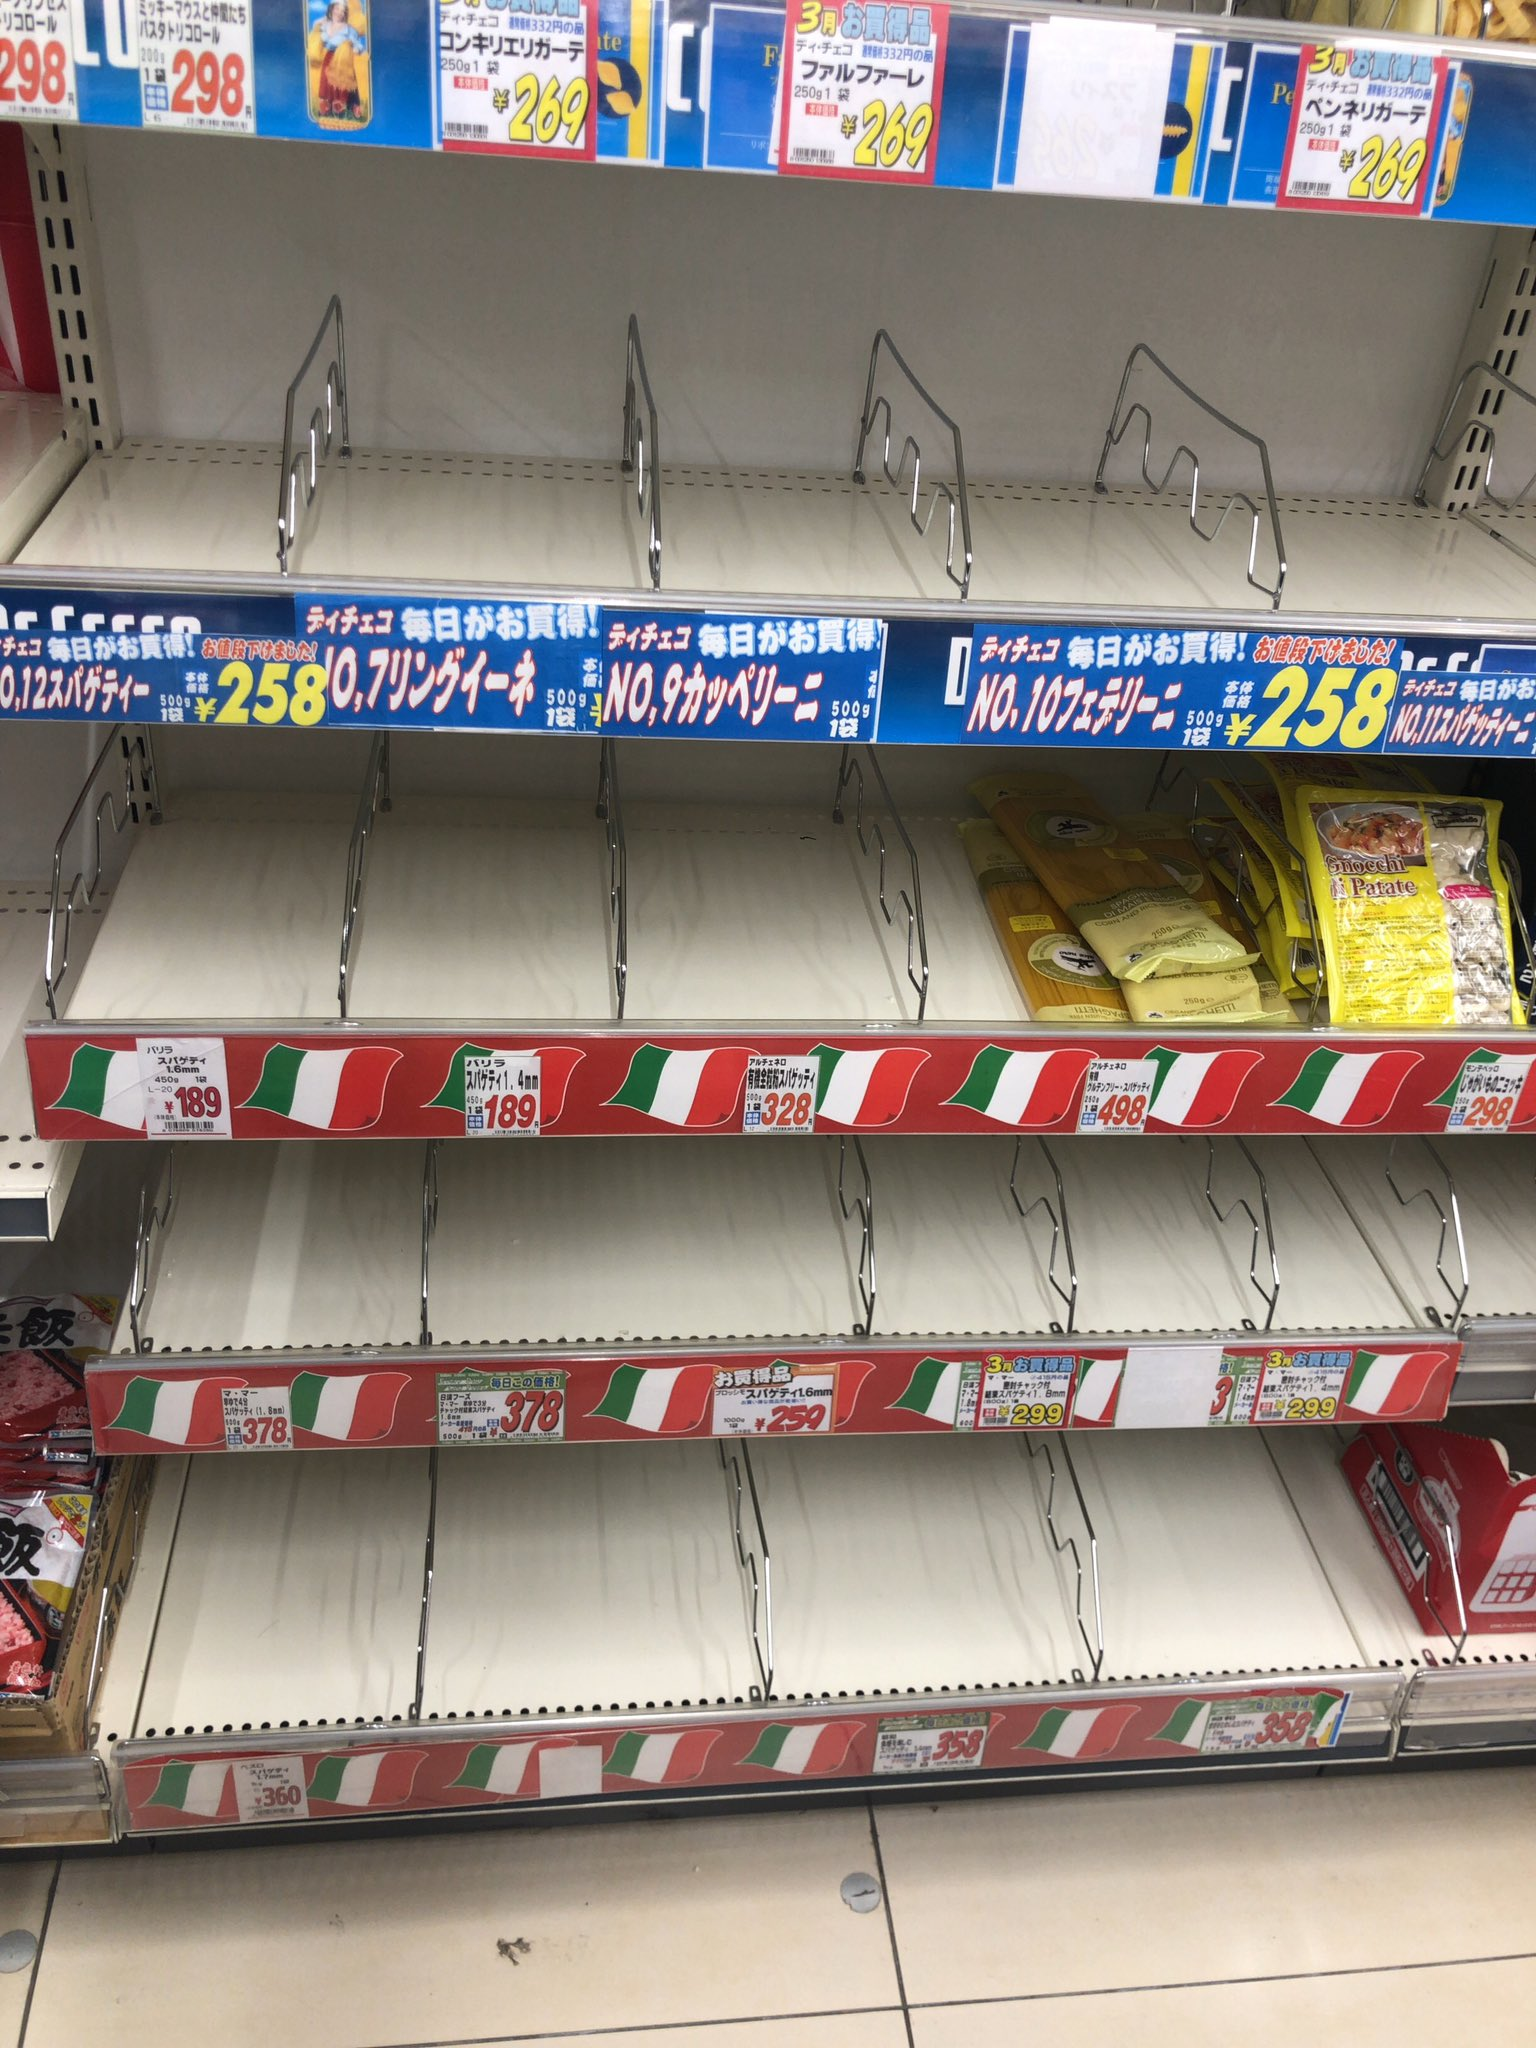 画像,スーパー来たらいろんな食材がなくなってる😨レジの列もいつもの2,3倍ある。 https://t.co/xJ9pMqhWx8…